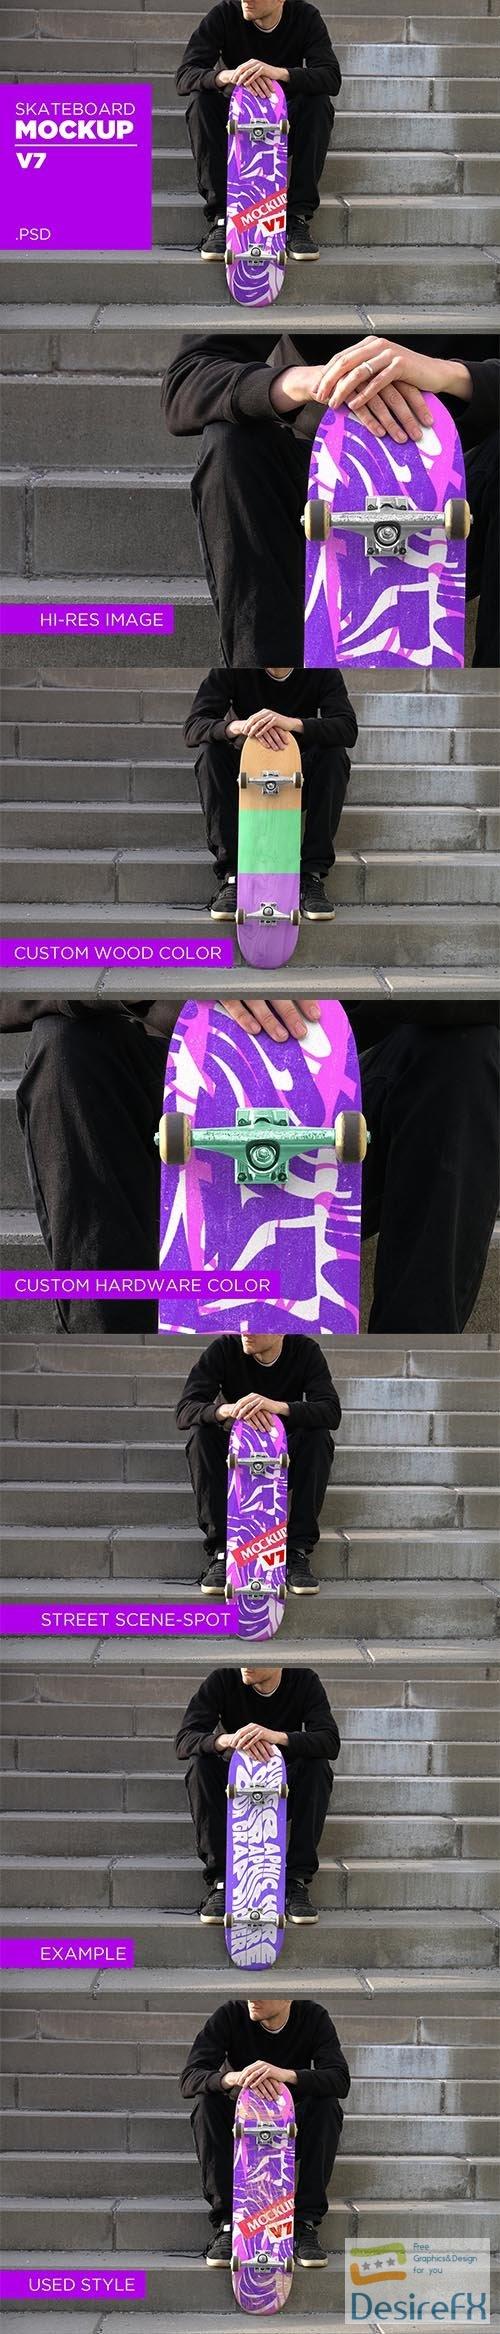 CreativeMarket - Skateboard Mockup V7 - PSD 5935931